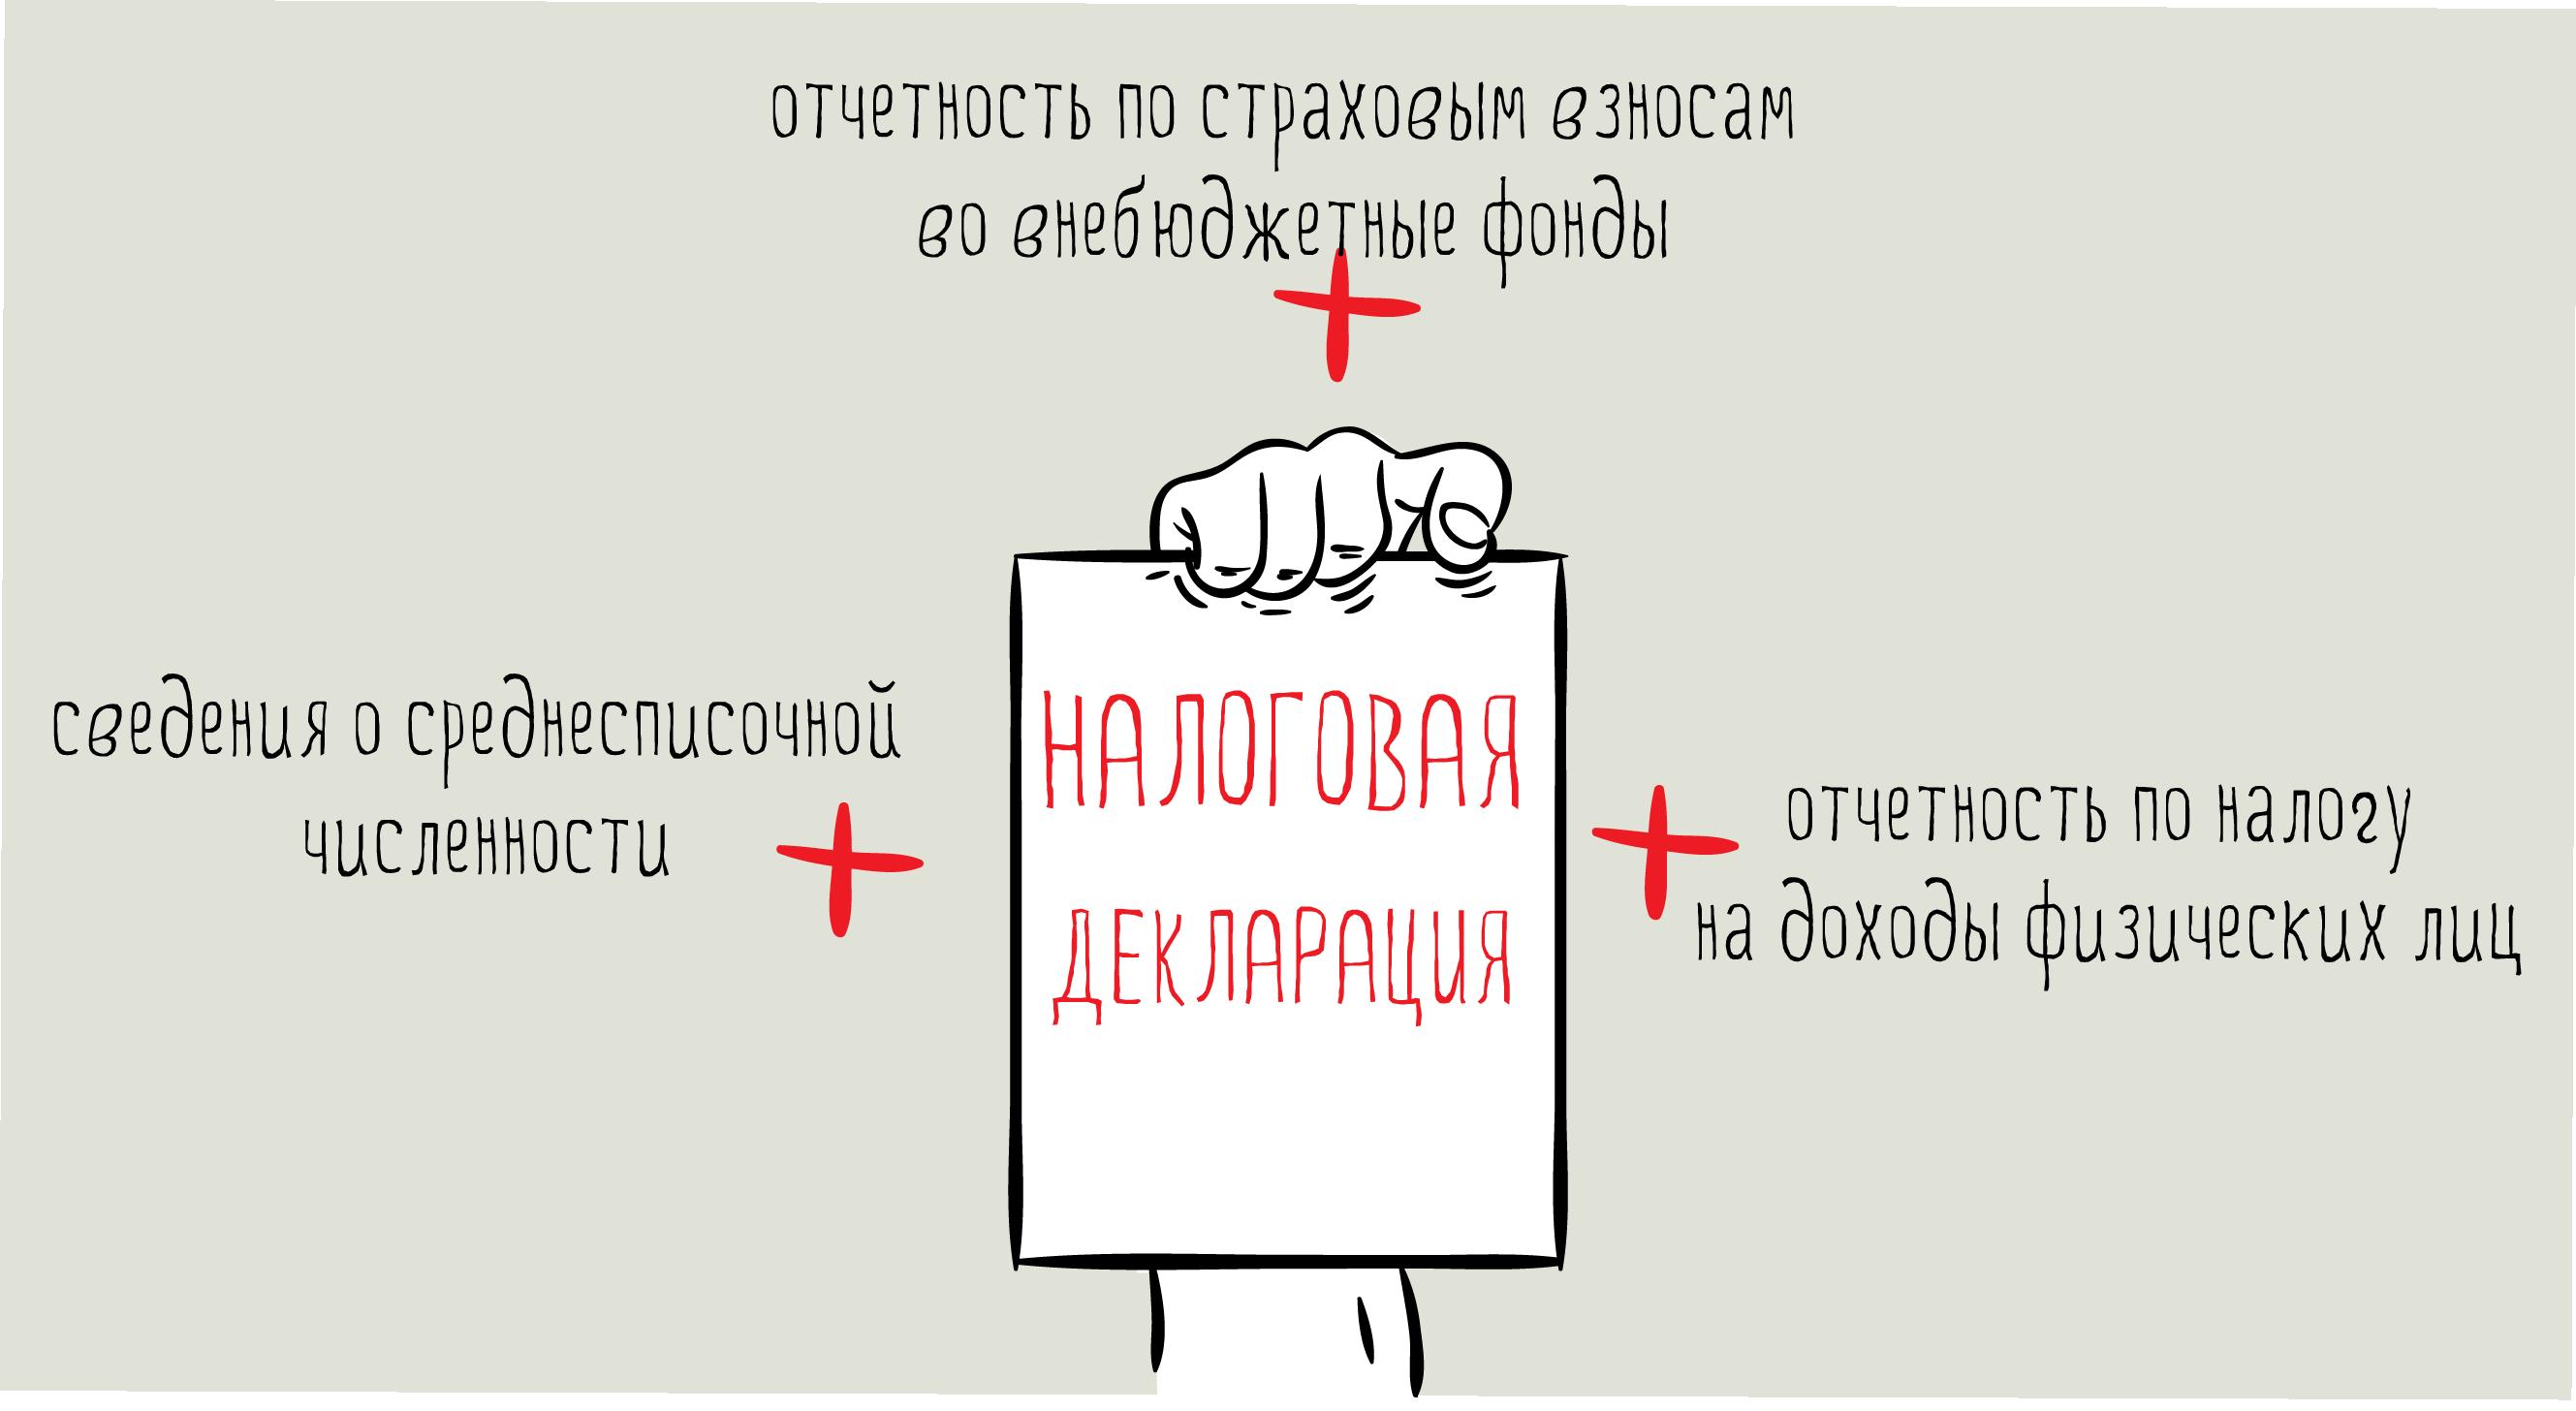 бланк декларации по усн приказ минфин от 20.04.11